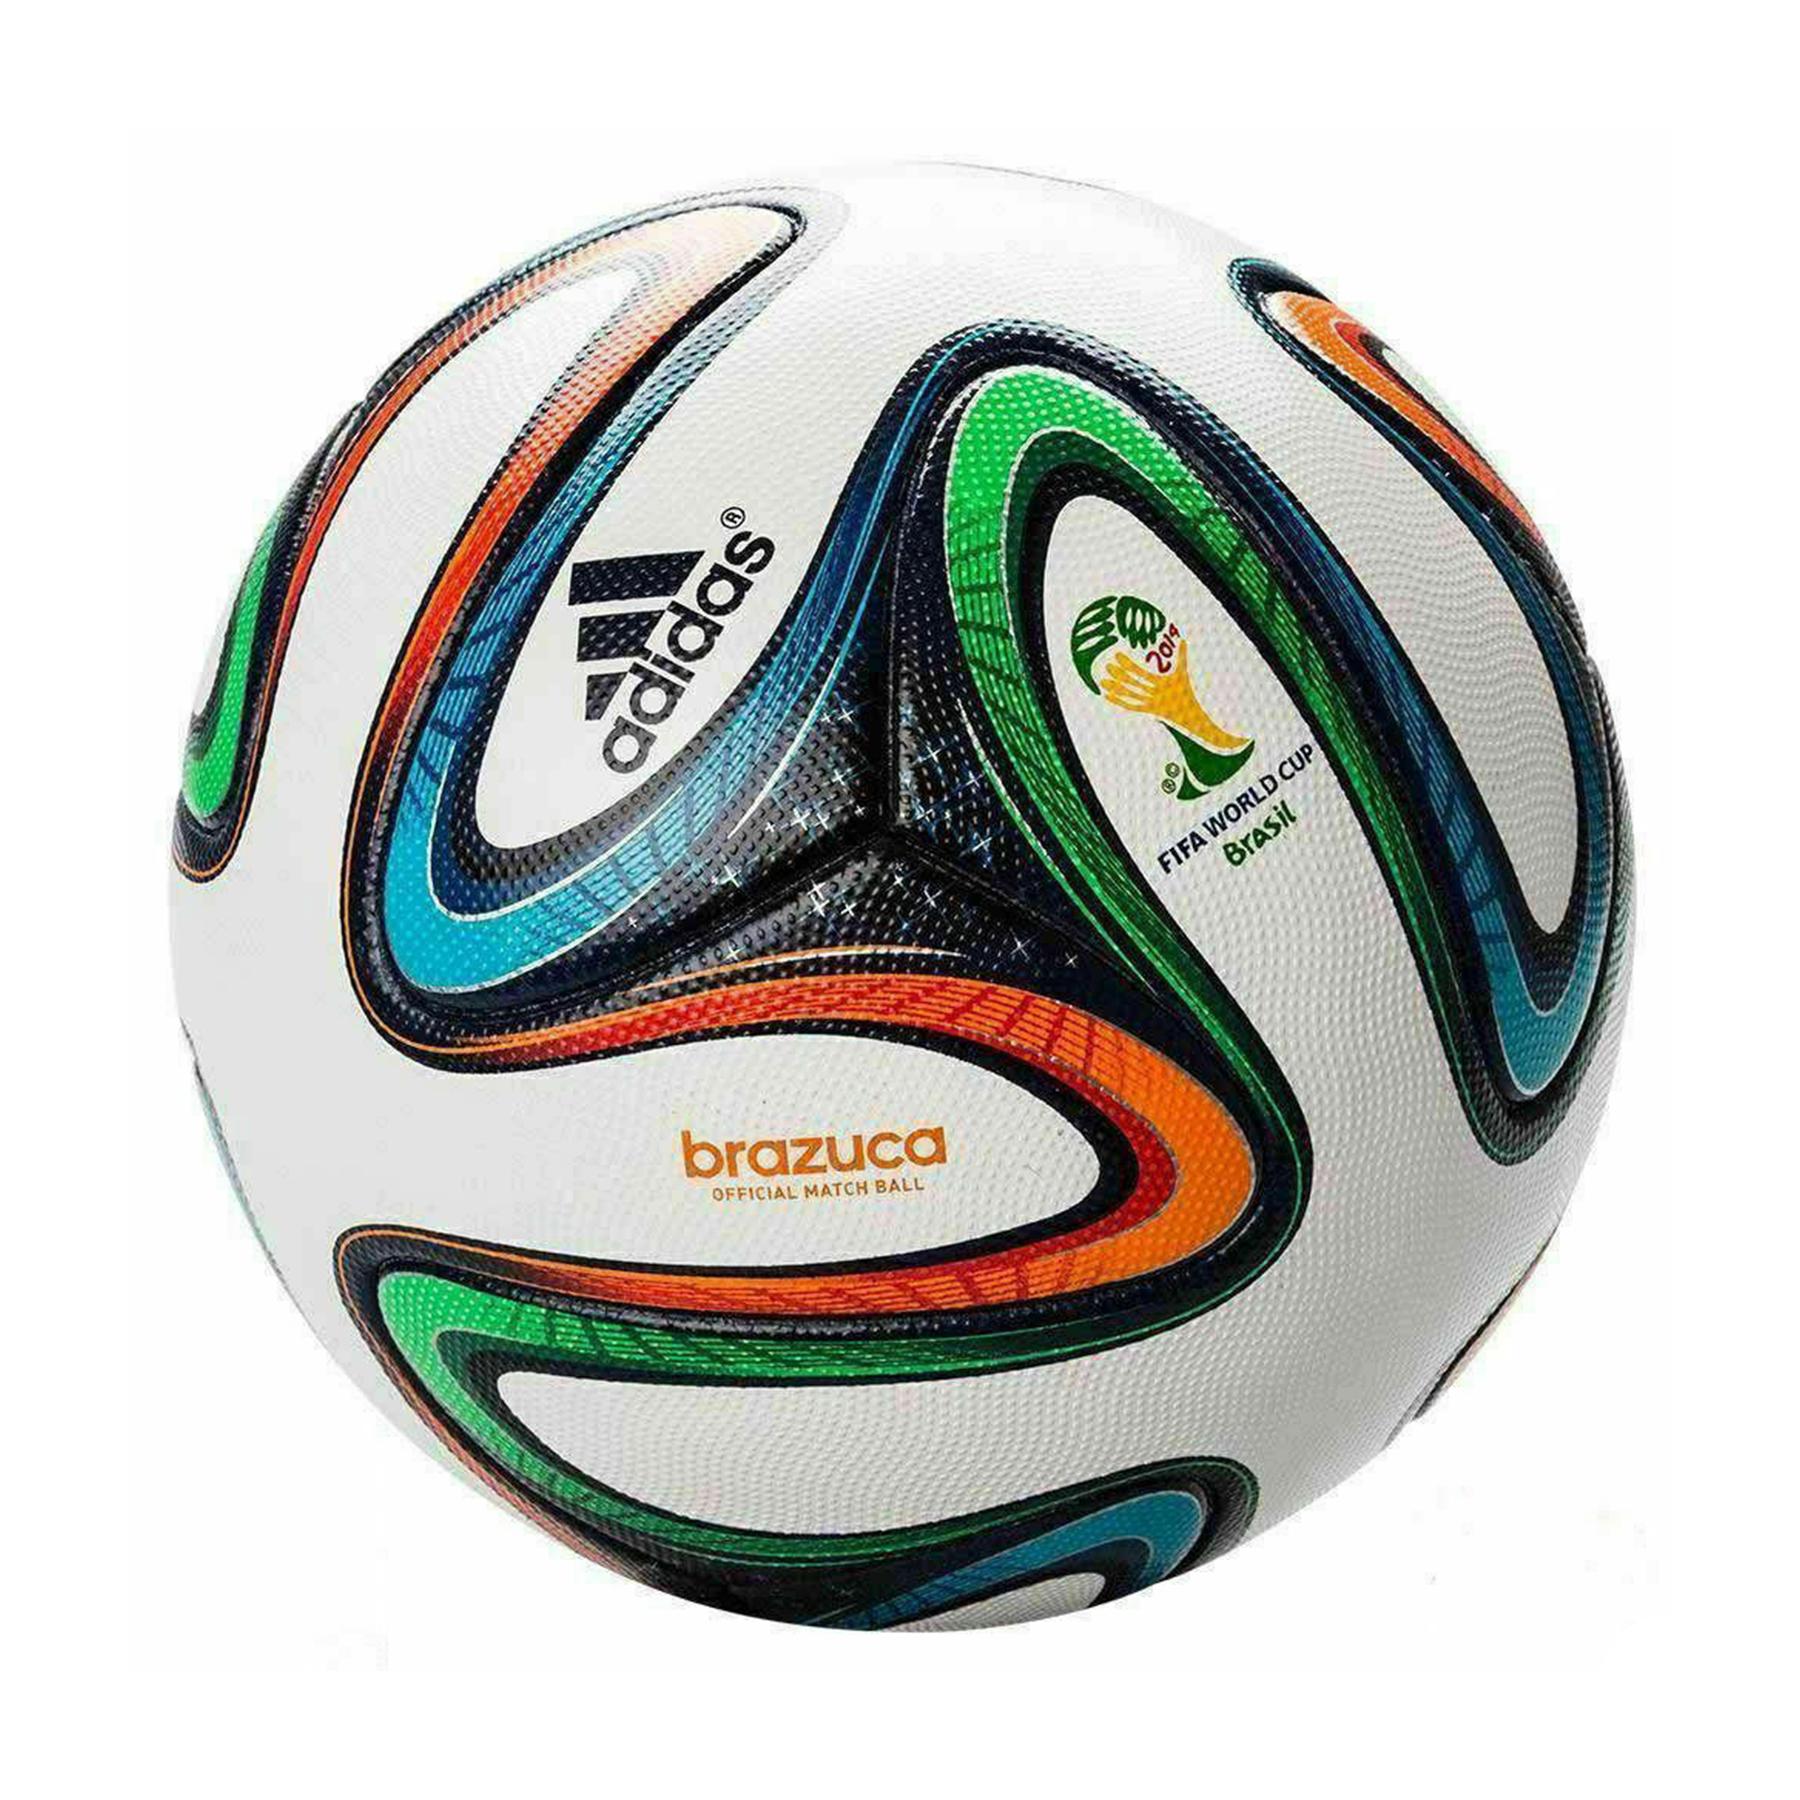 Мяч ф/б VL-355 Brasil 2014 красно-белый с символикой Чемп.мира 2014